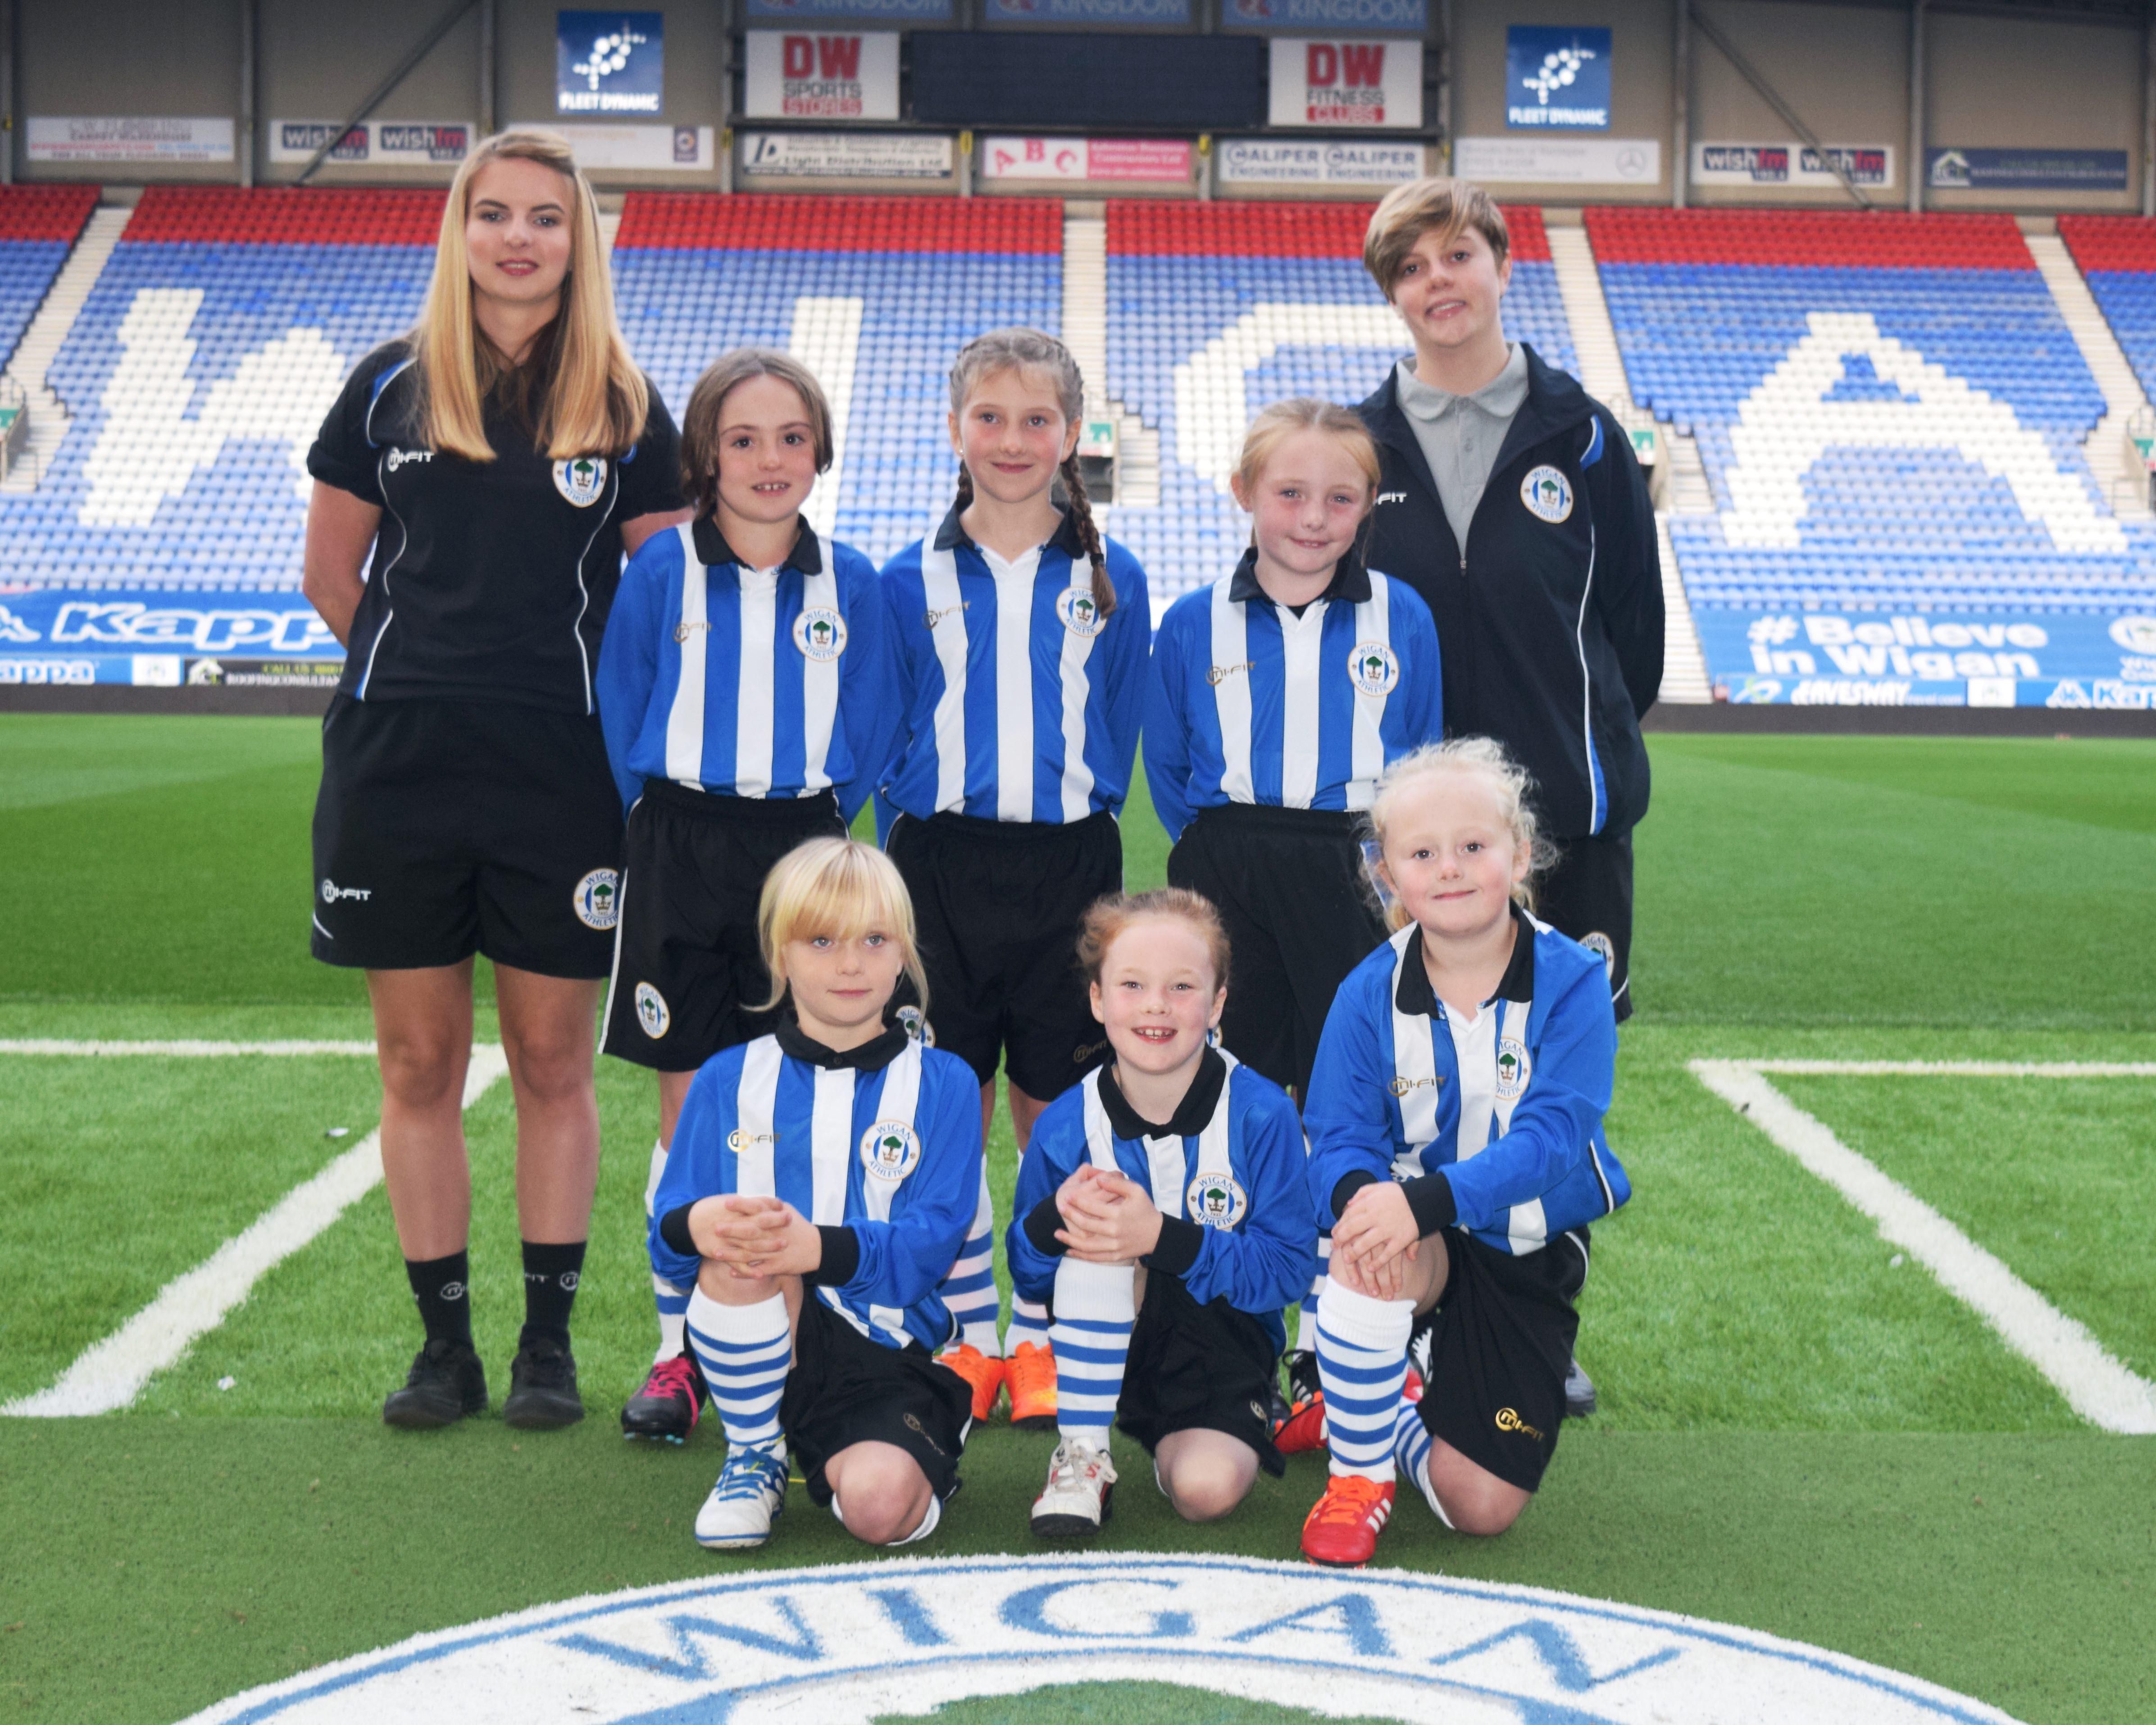 Wigan Ladies U9